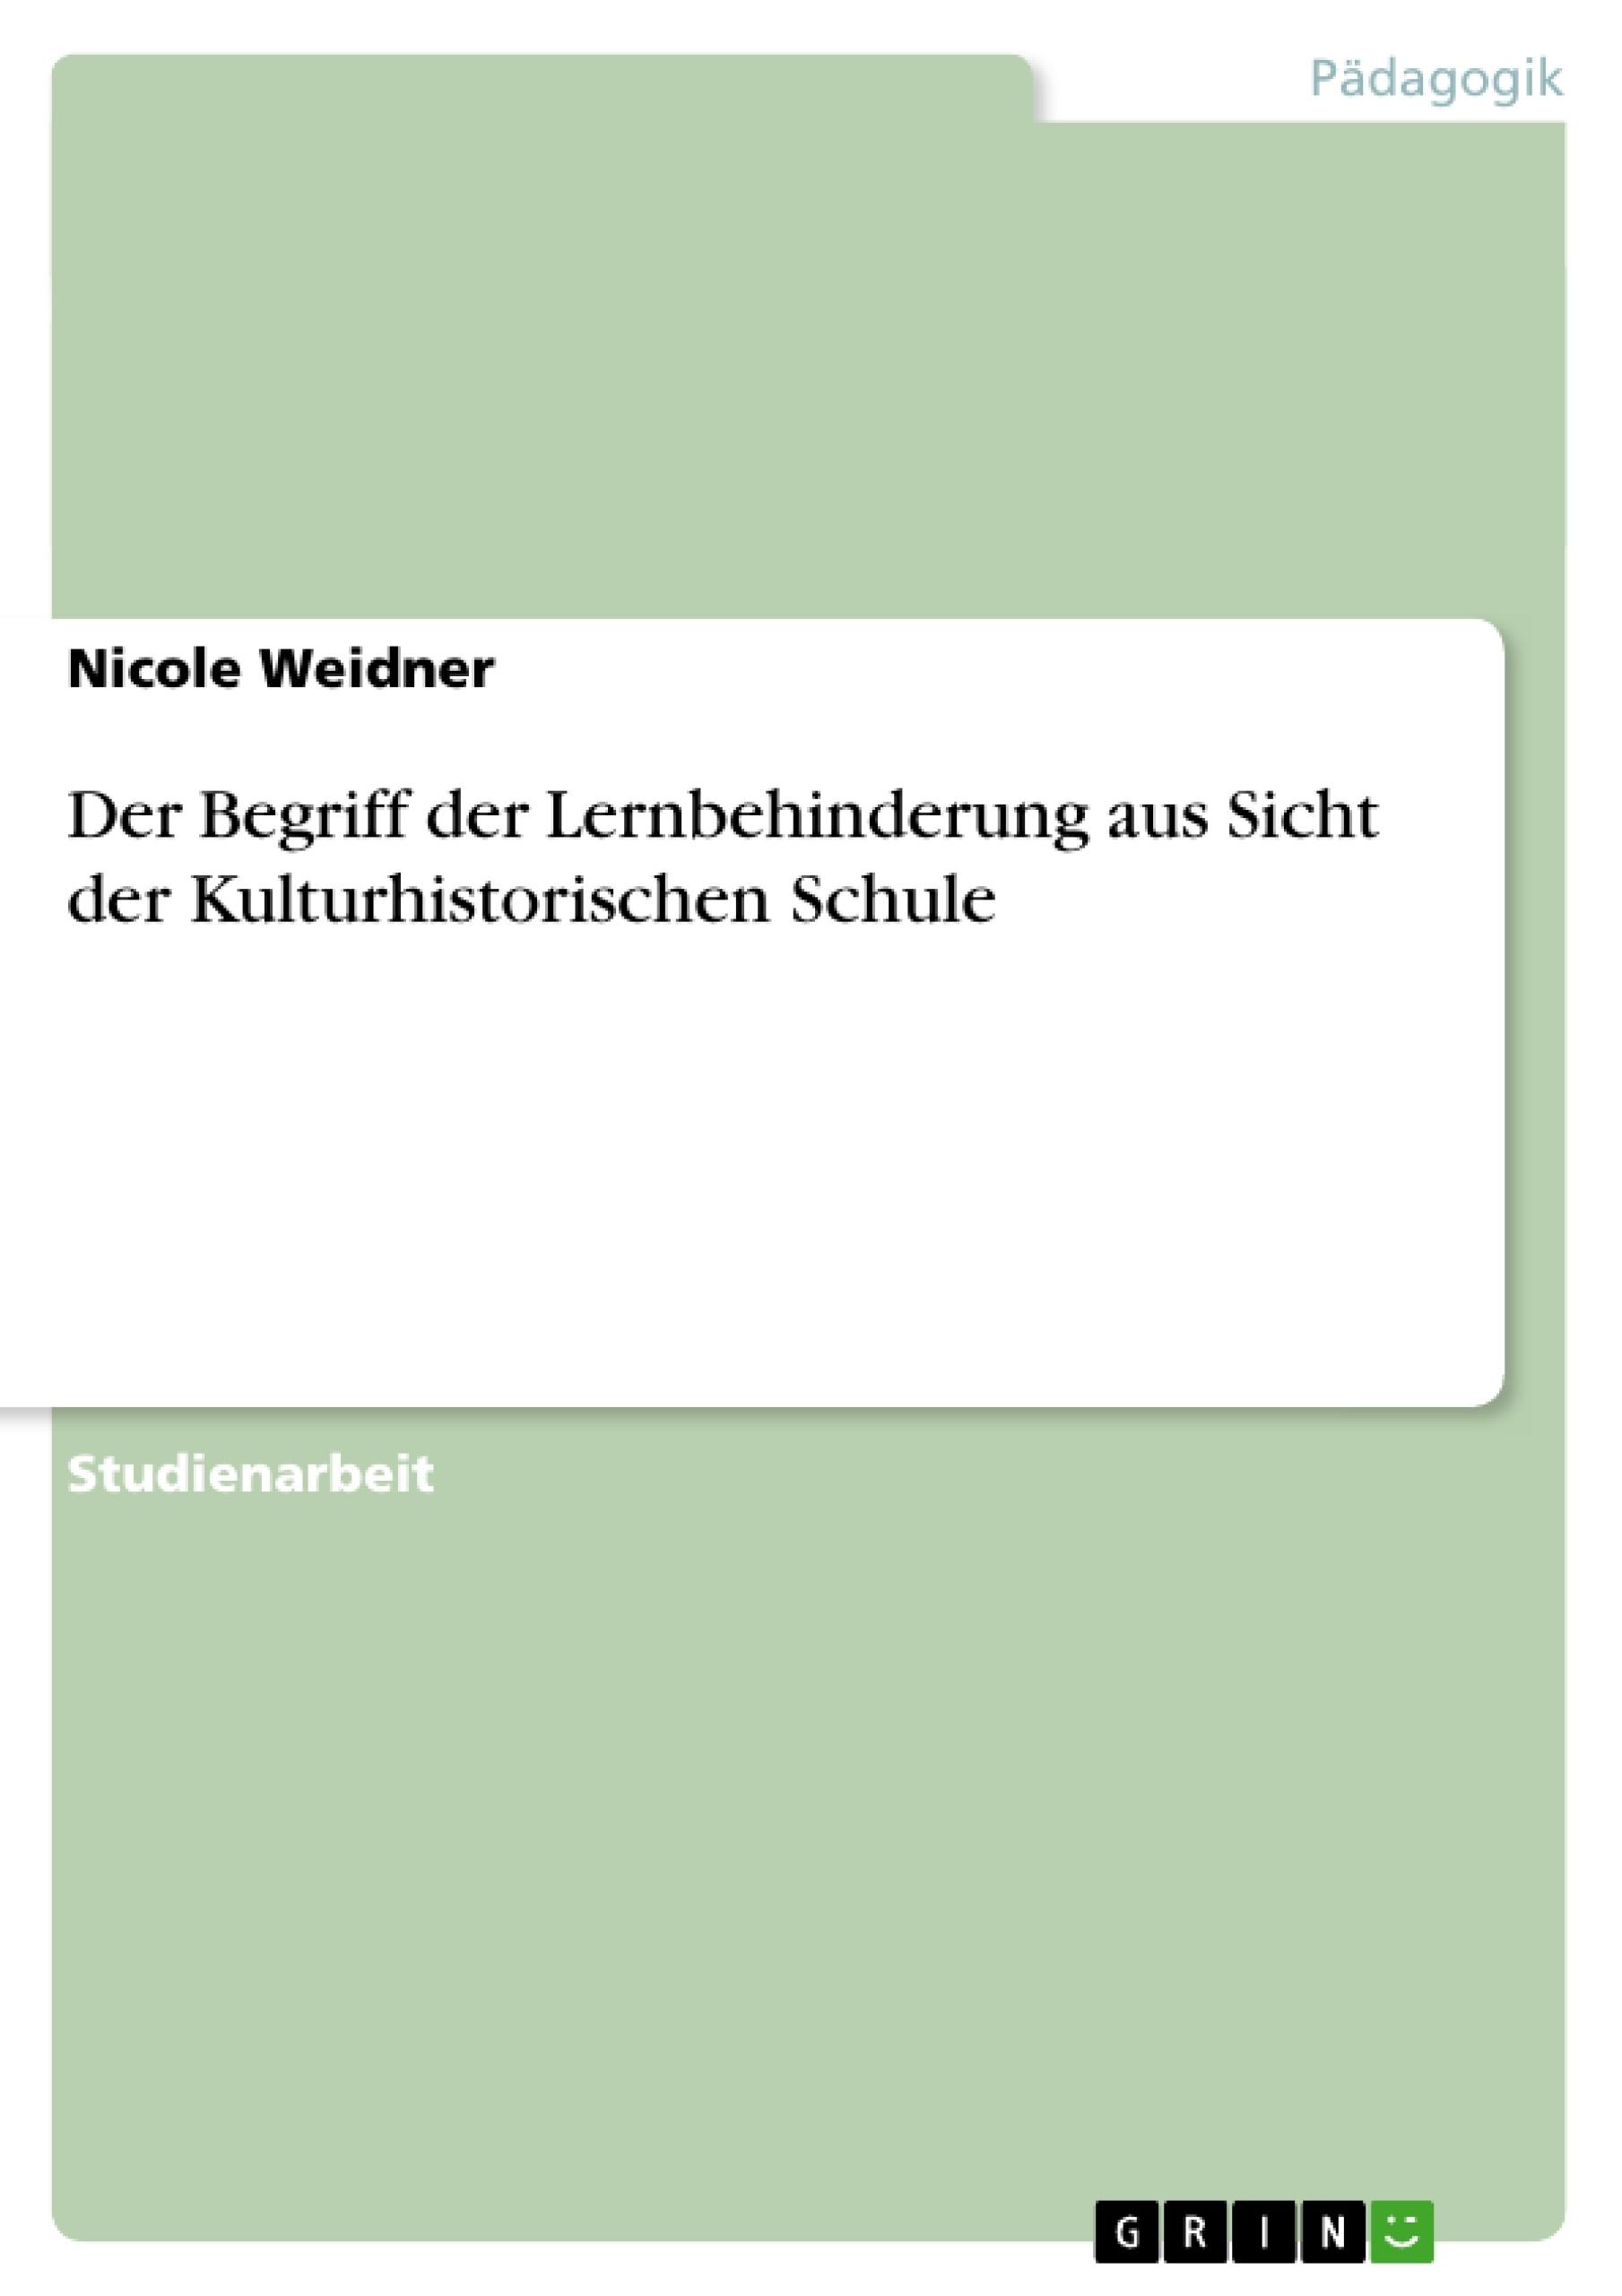 Titel: Der Begriff der Lernbehinderung aus Sicht der Kulturhistorischen Schule